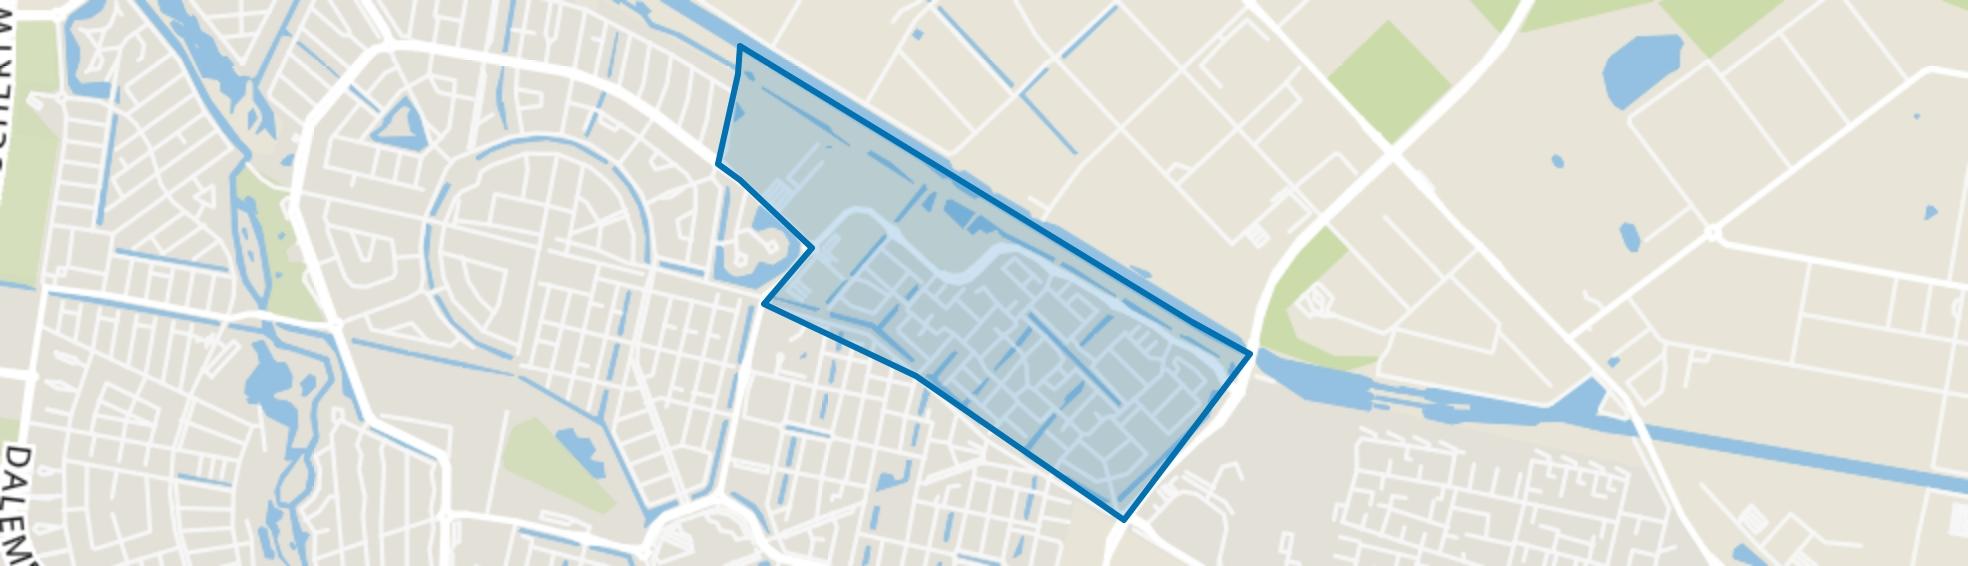 Gesworen Hoek, Tilburg map